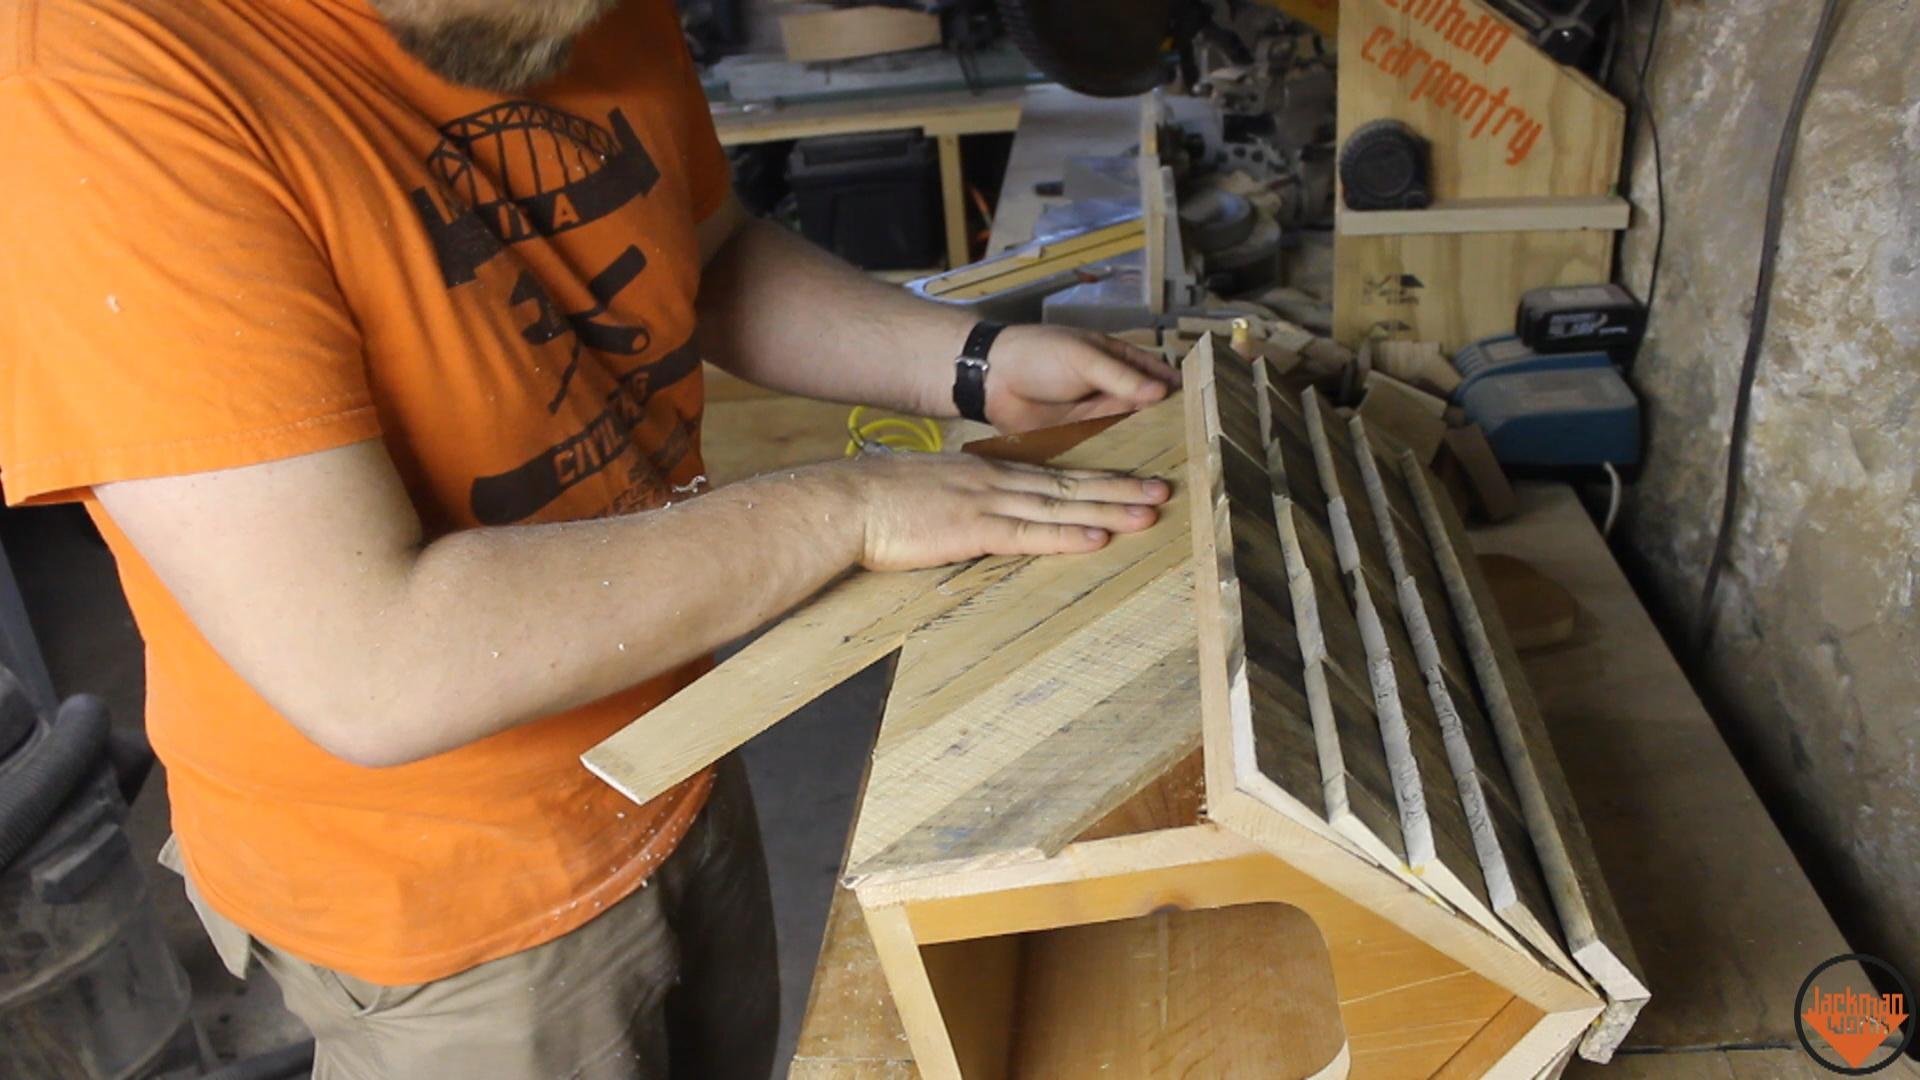 Wood mailbox 15 jackman works jackmanjackman worksjackman carpentrycarpentrywoodworkingwooddiydo it yourselfbuildingmakingdesignupcycledrecycledreclaimedhow to make a solutioingenieria Images